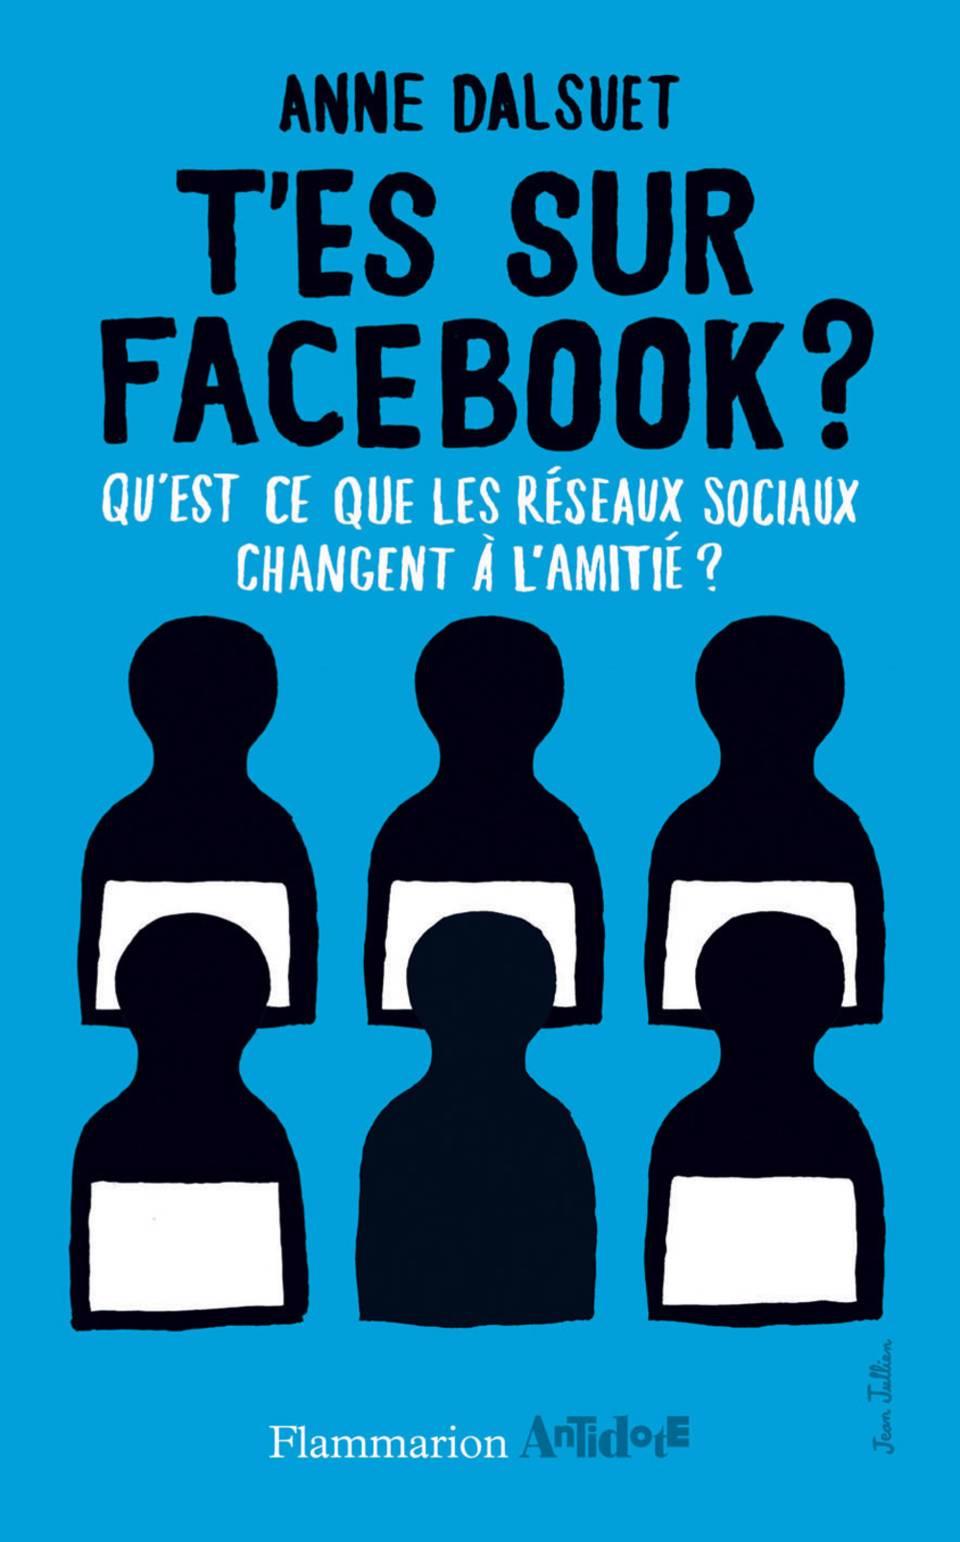 T'es sur Facebook ? Qu'est-ce que les réseaux sociaux changent à l'amitié ?